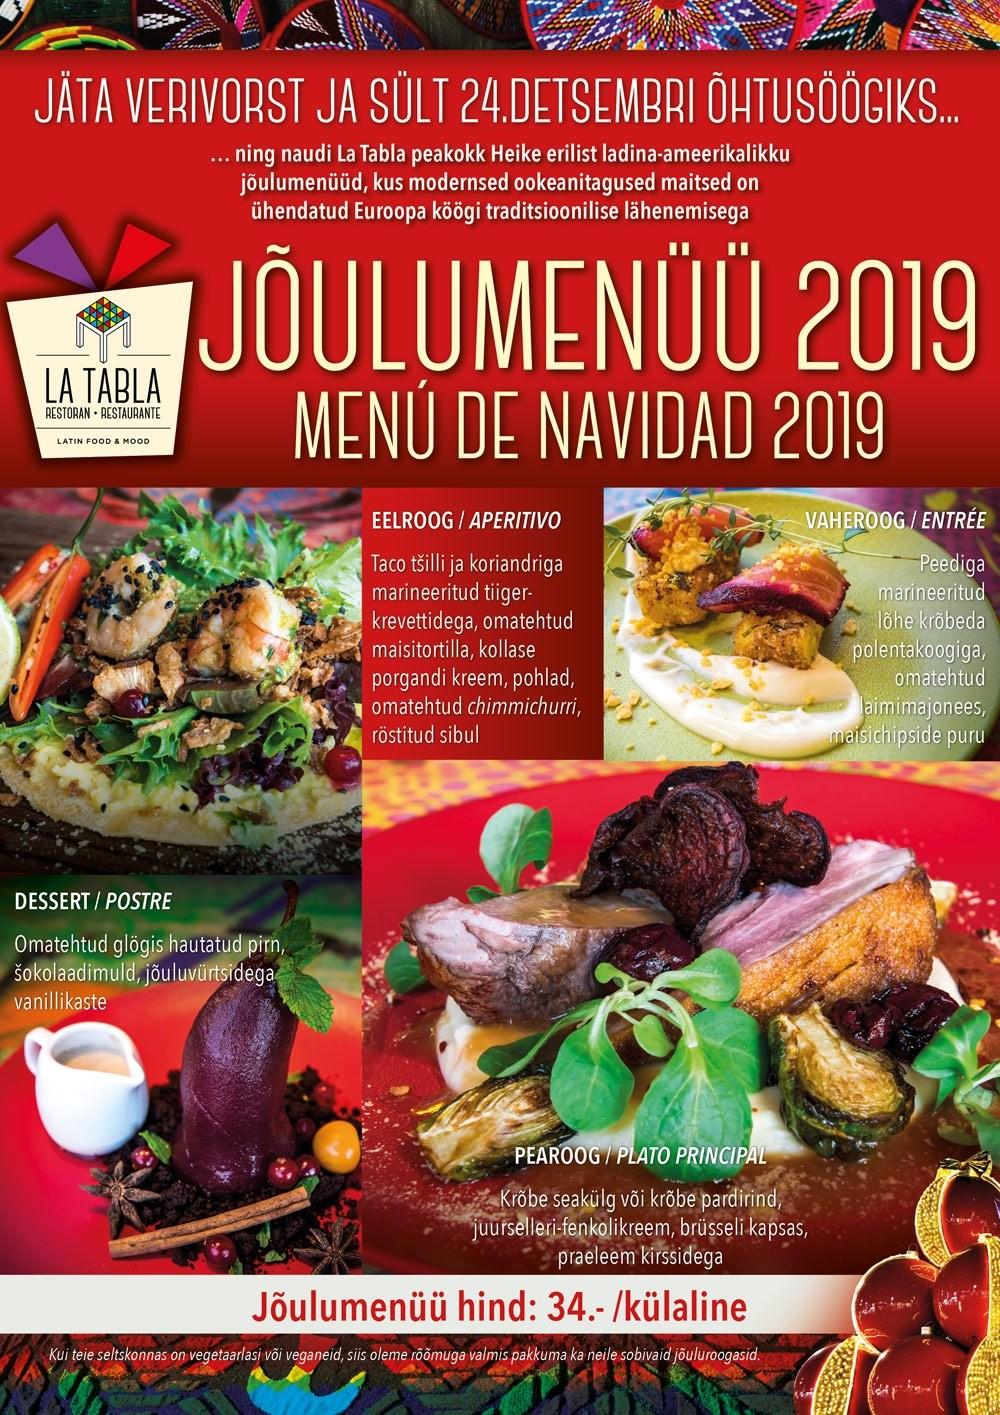 La Tabla jõulumenüü 2019